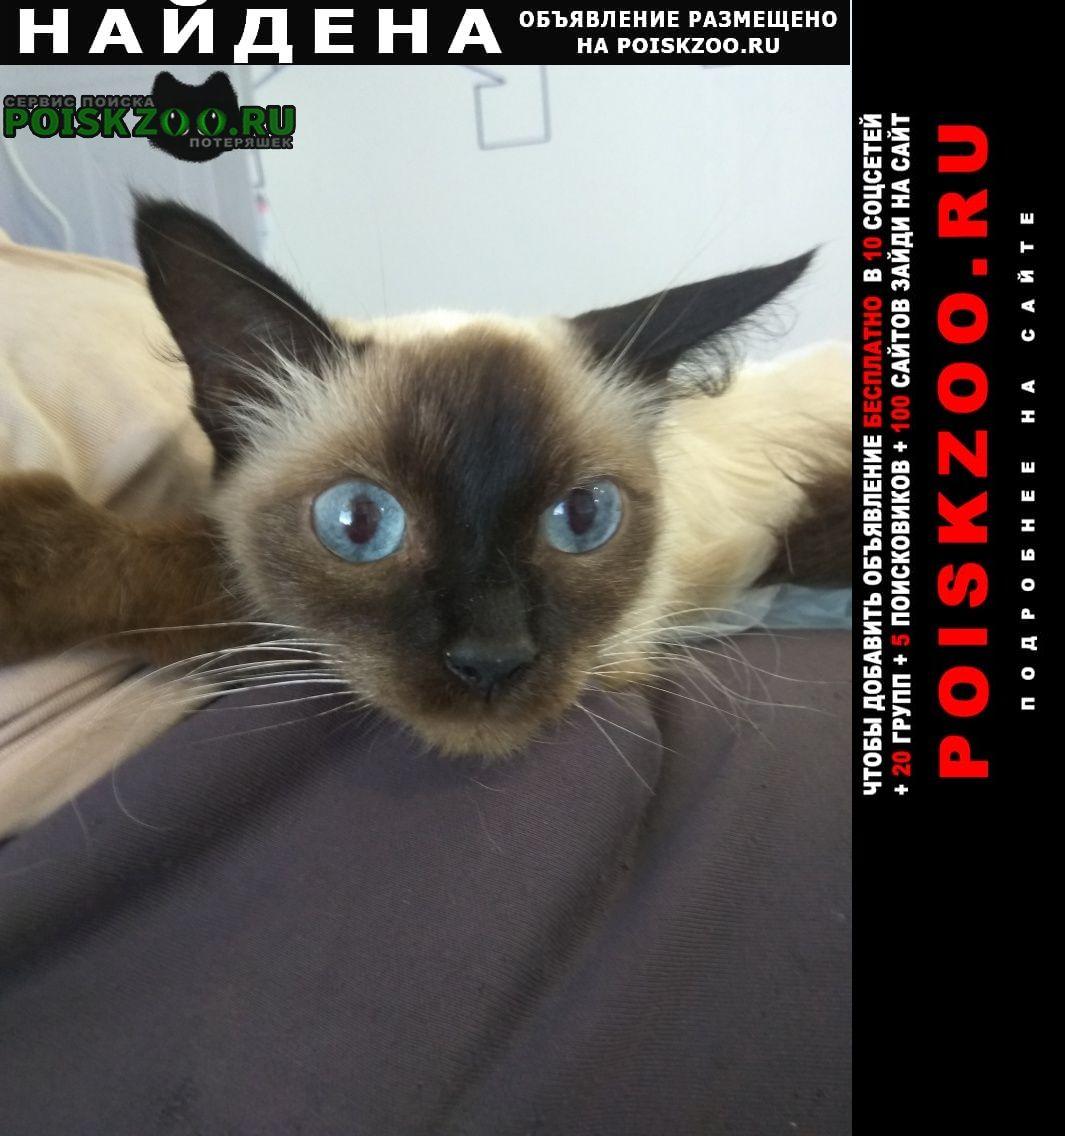 Найдена кошка ул видова дом 196, Новороссийск